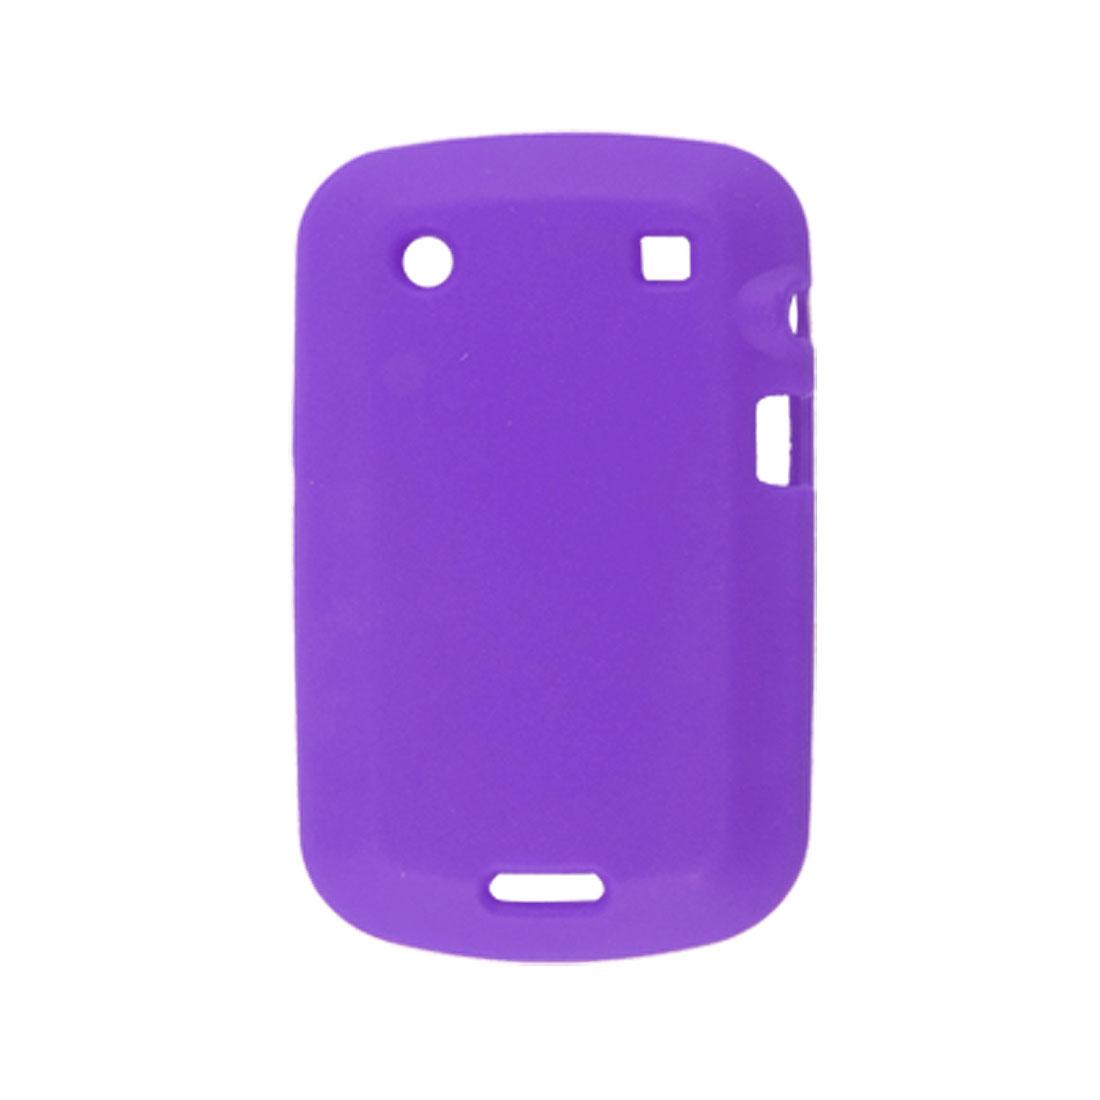 Purple Soft Silicone Skin Case for Blackberry 9900 9930